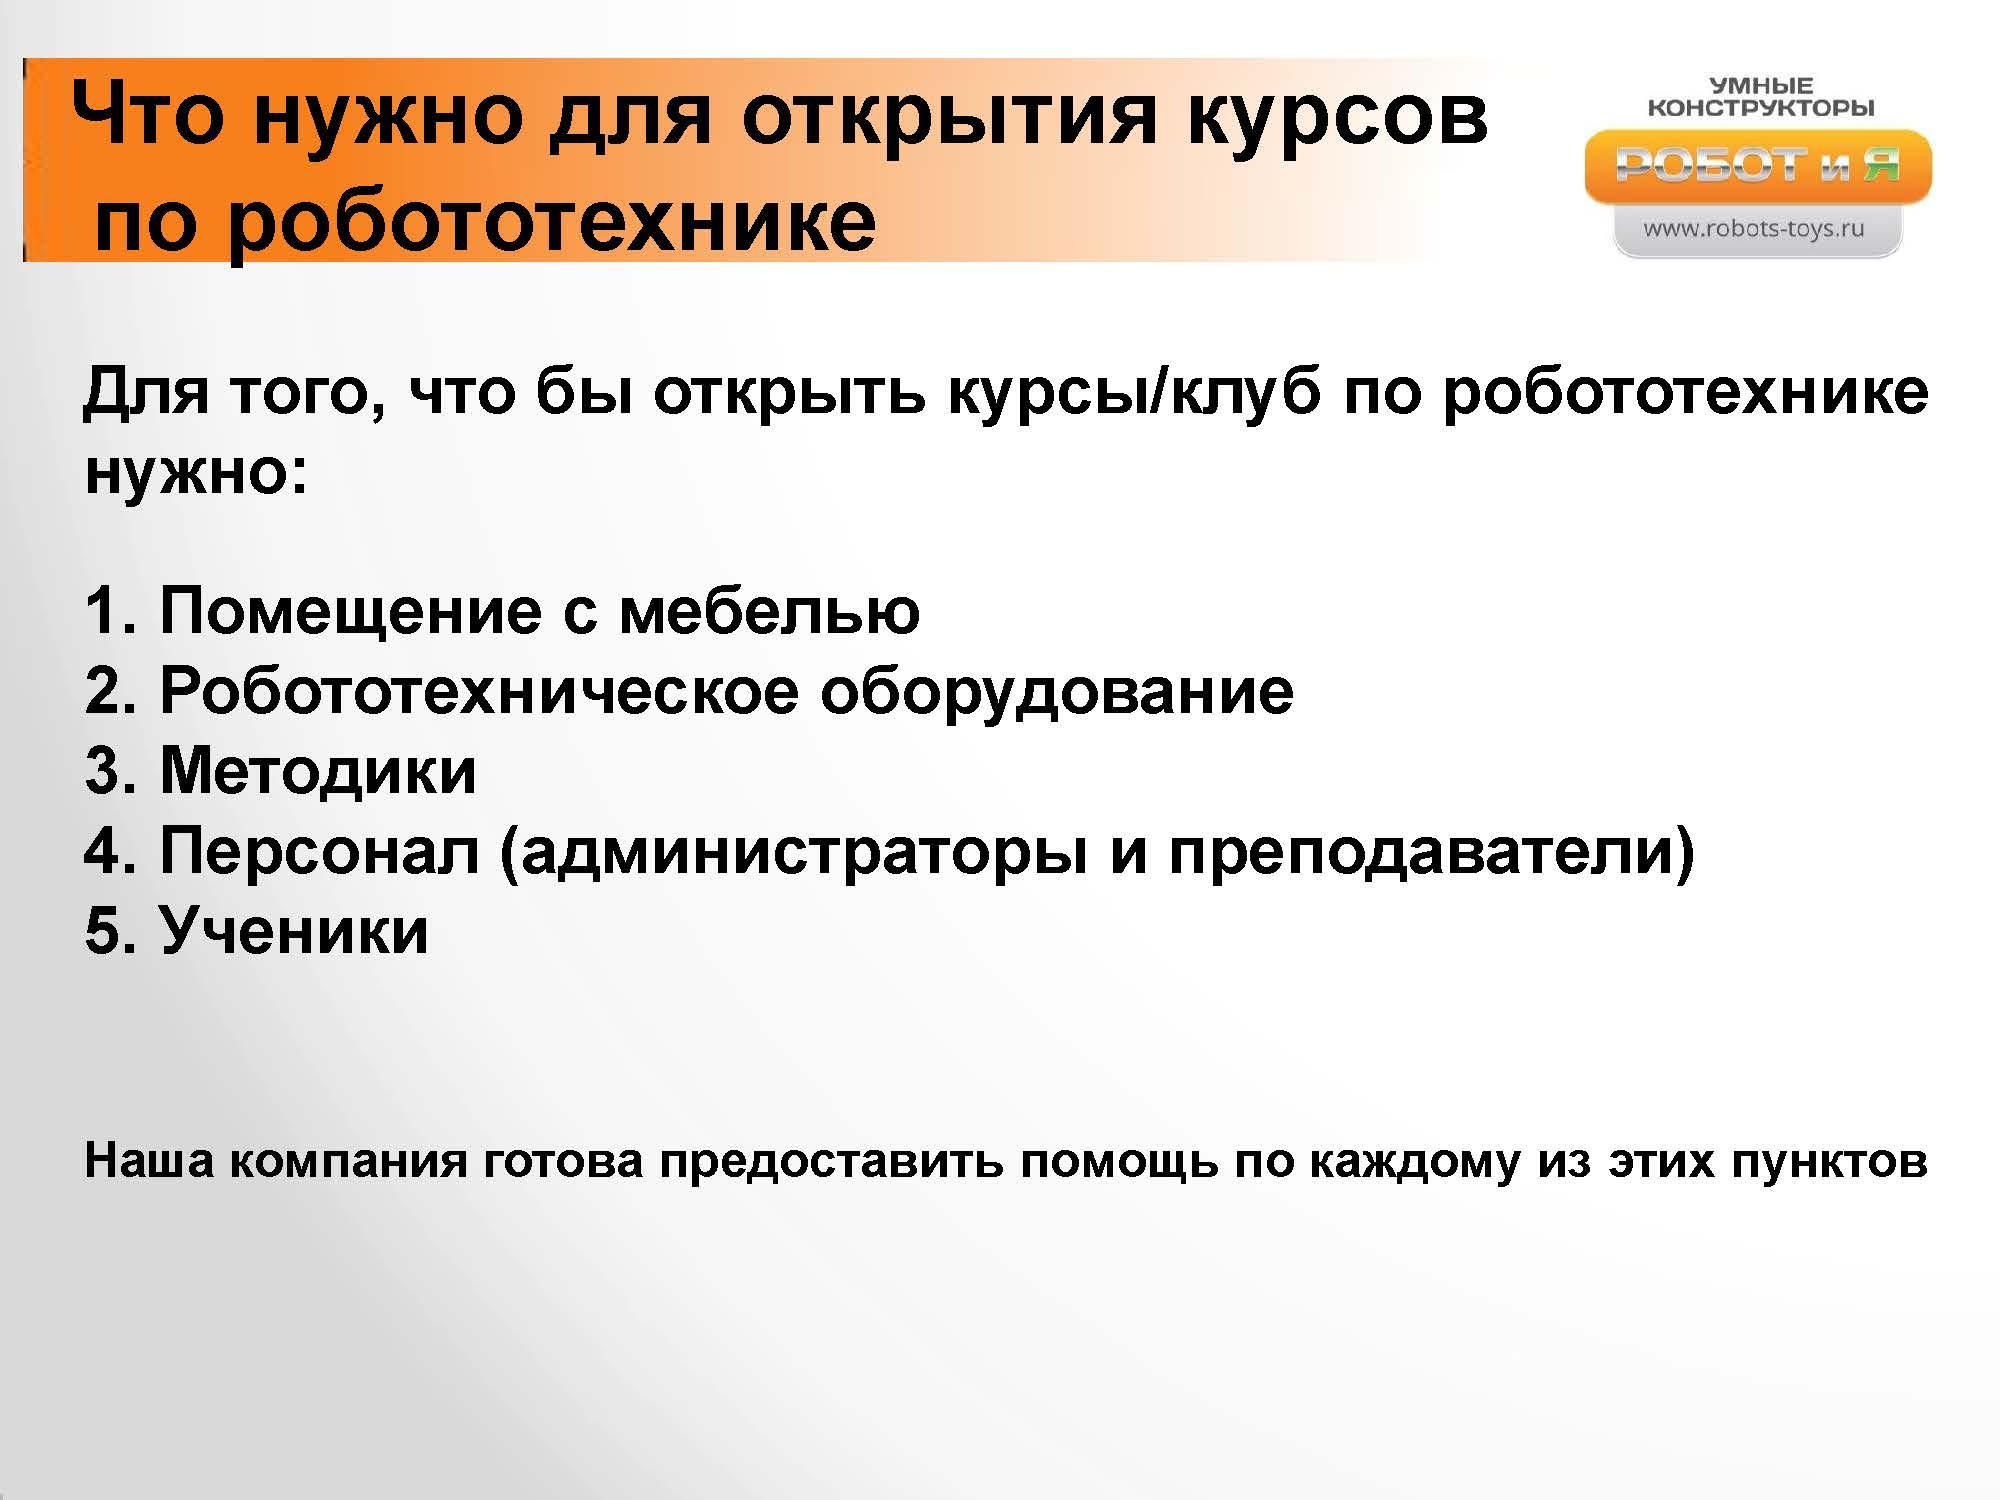 Курсы_по_робототехнике._новая_презентация_Page_05.jpg